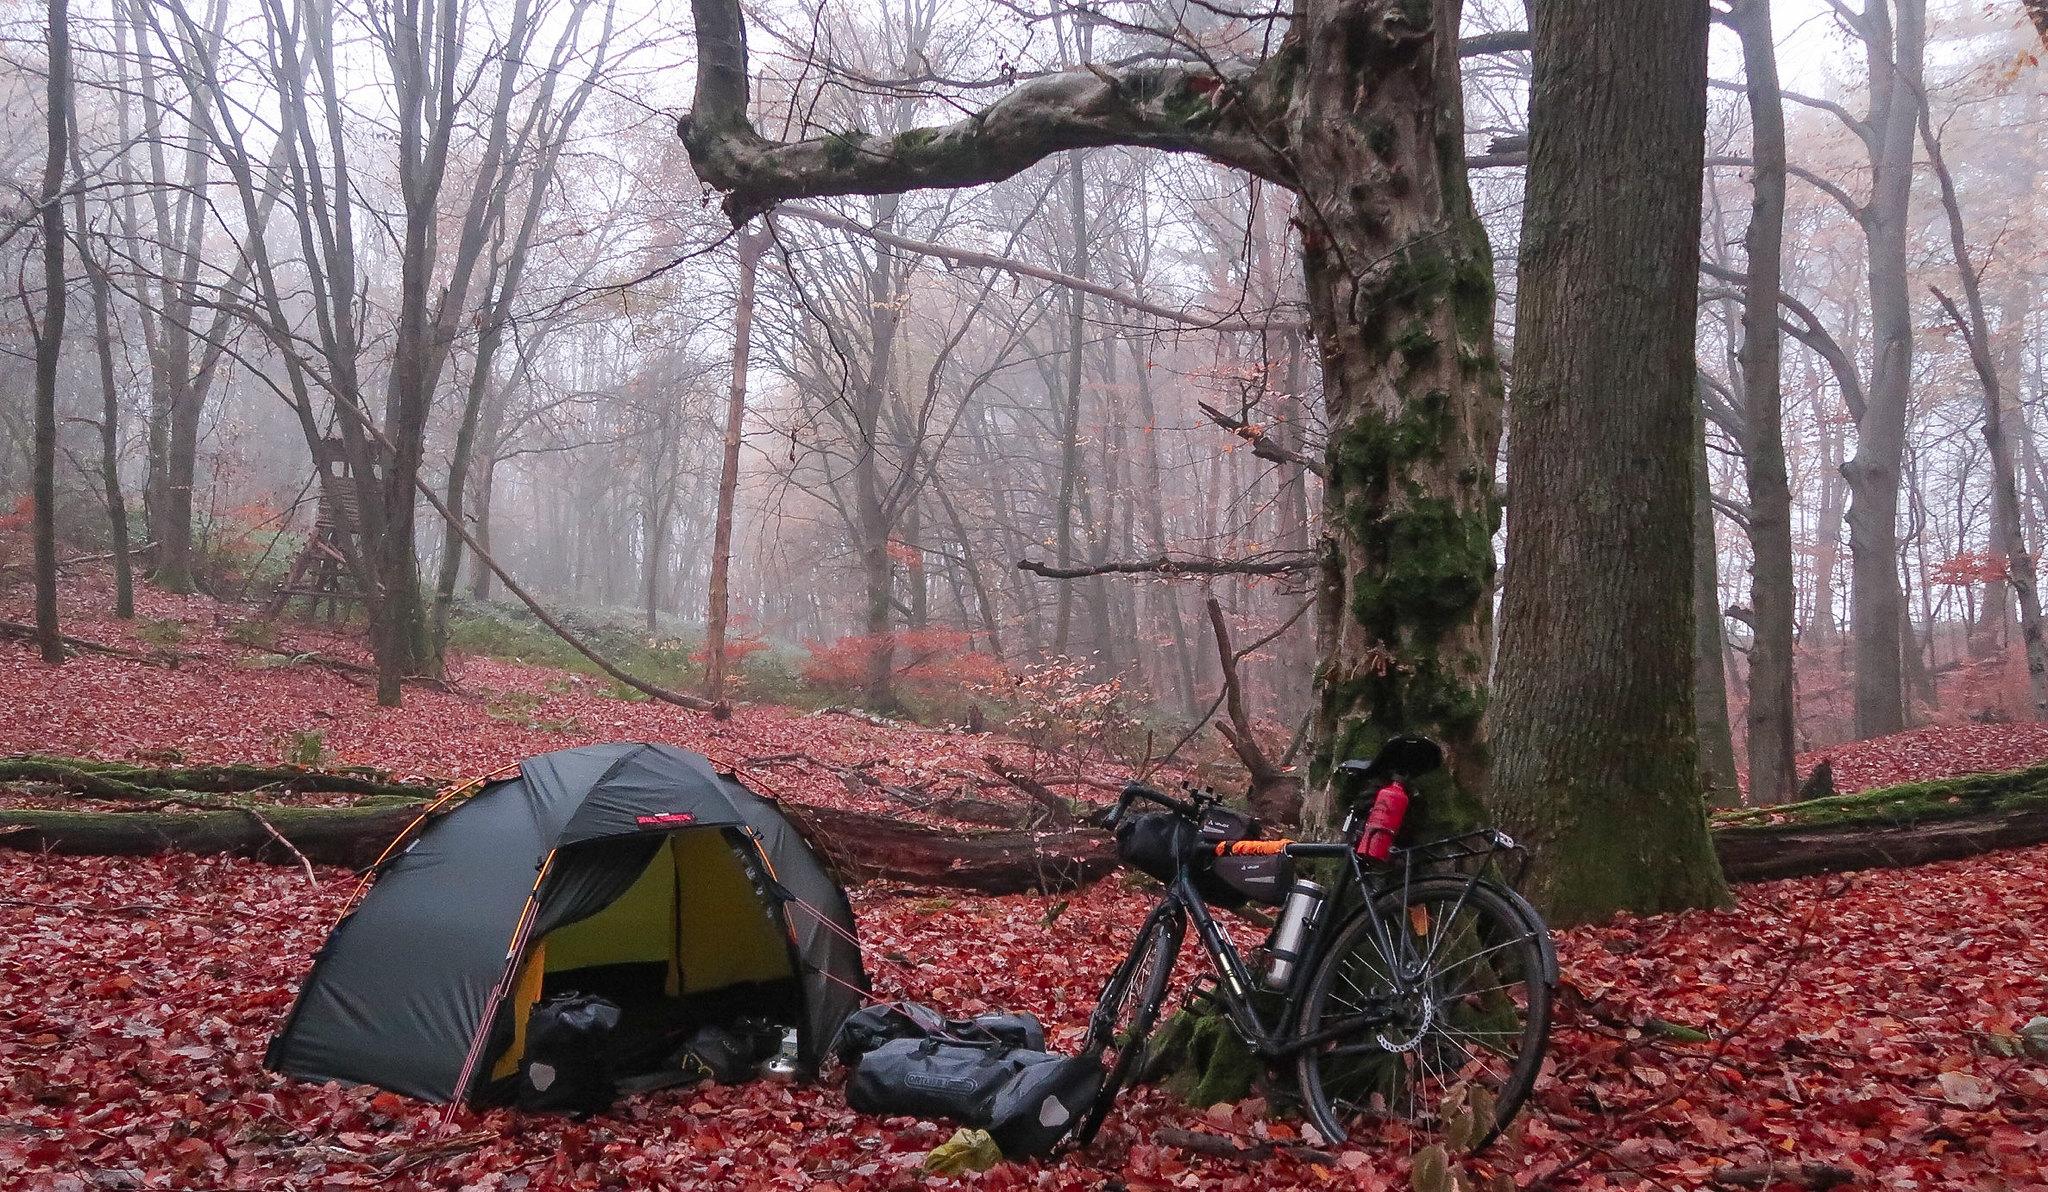 Fourth camp